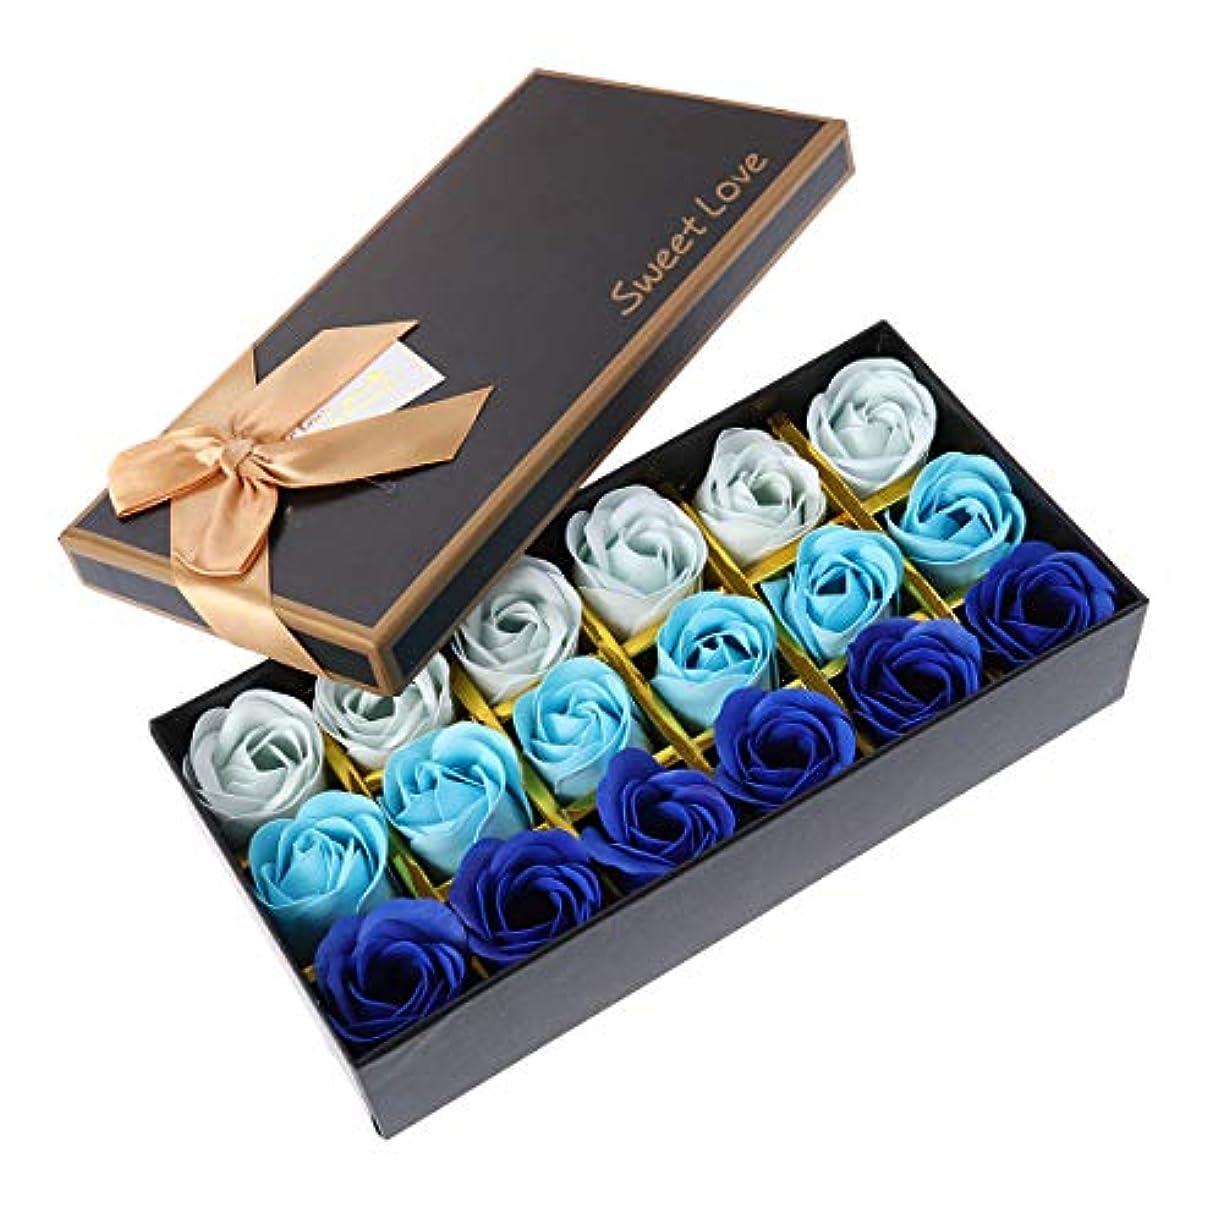 まさに襟もしBeaupretty バレンタインデーの結婚式の誕生日プレゼントのための小さなクマとバラの石鹸の花